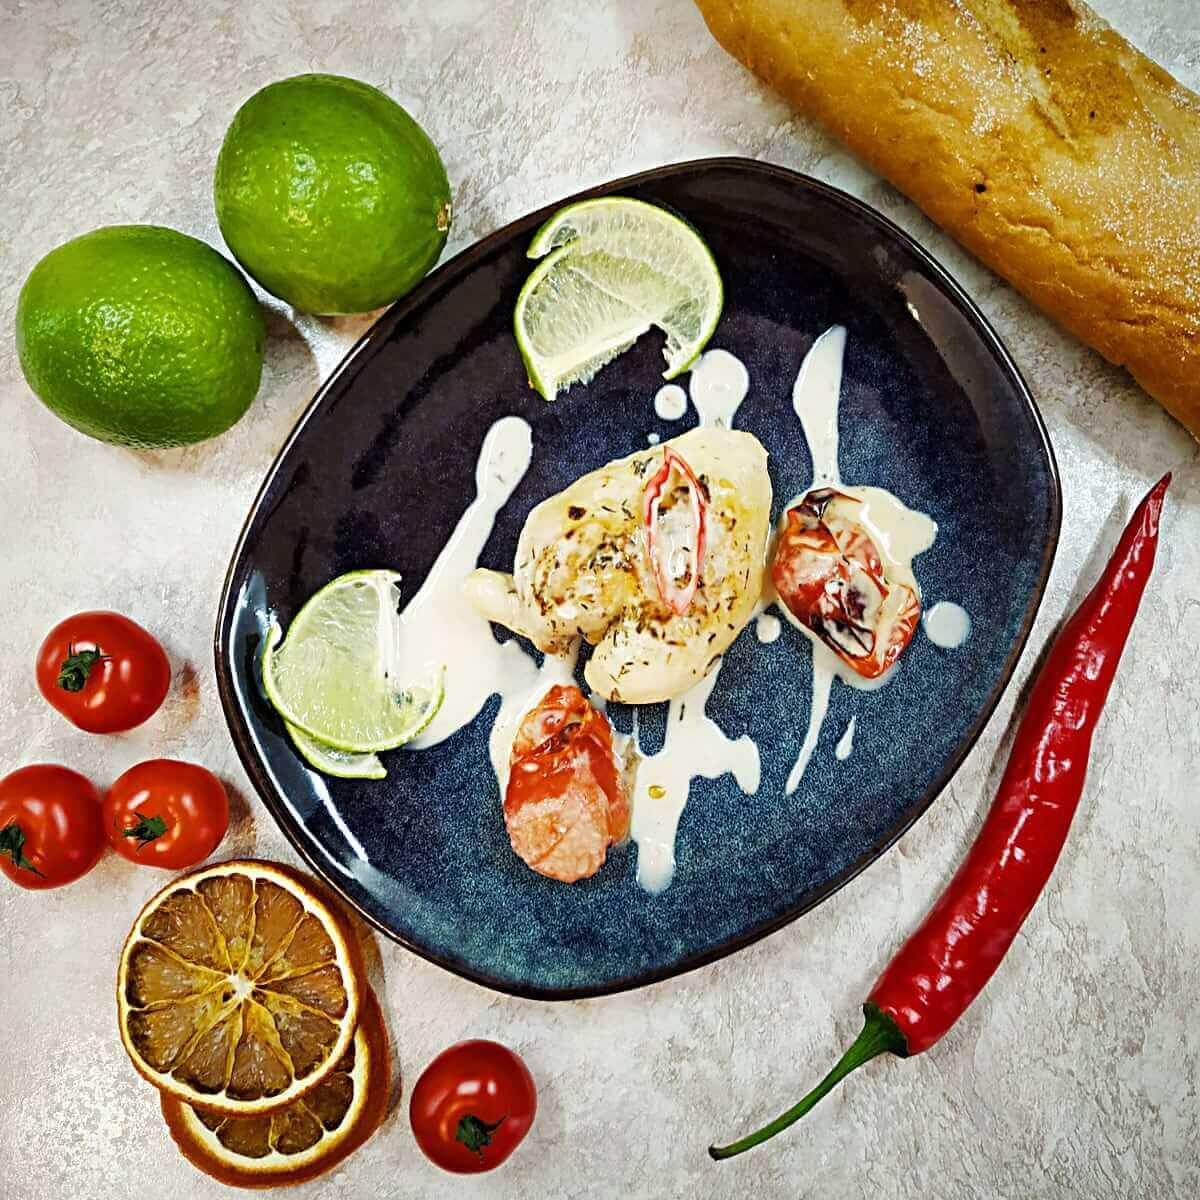 Spicy Tomato-Coconut Milk Chicken